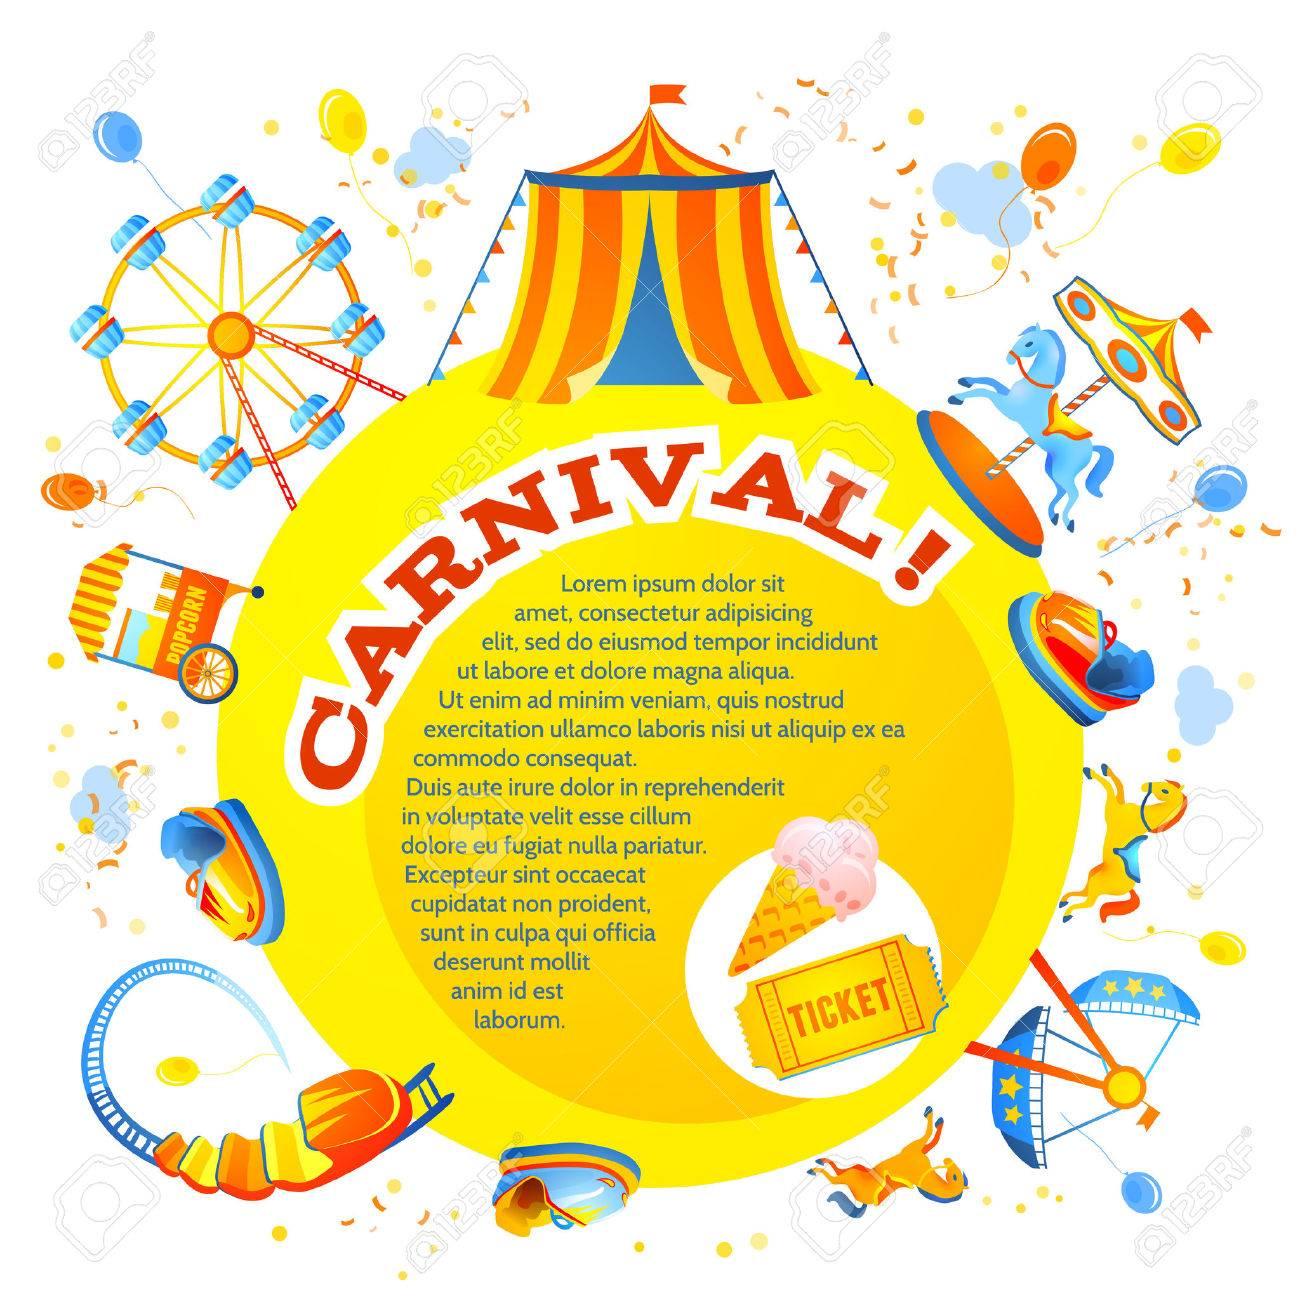 娯楽娯楽カーニバル テーマパーク招待チラシ ベクトル イラストを